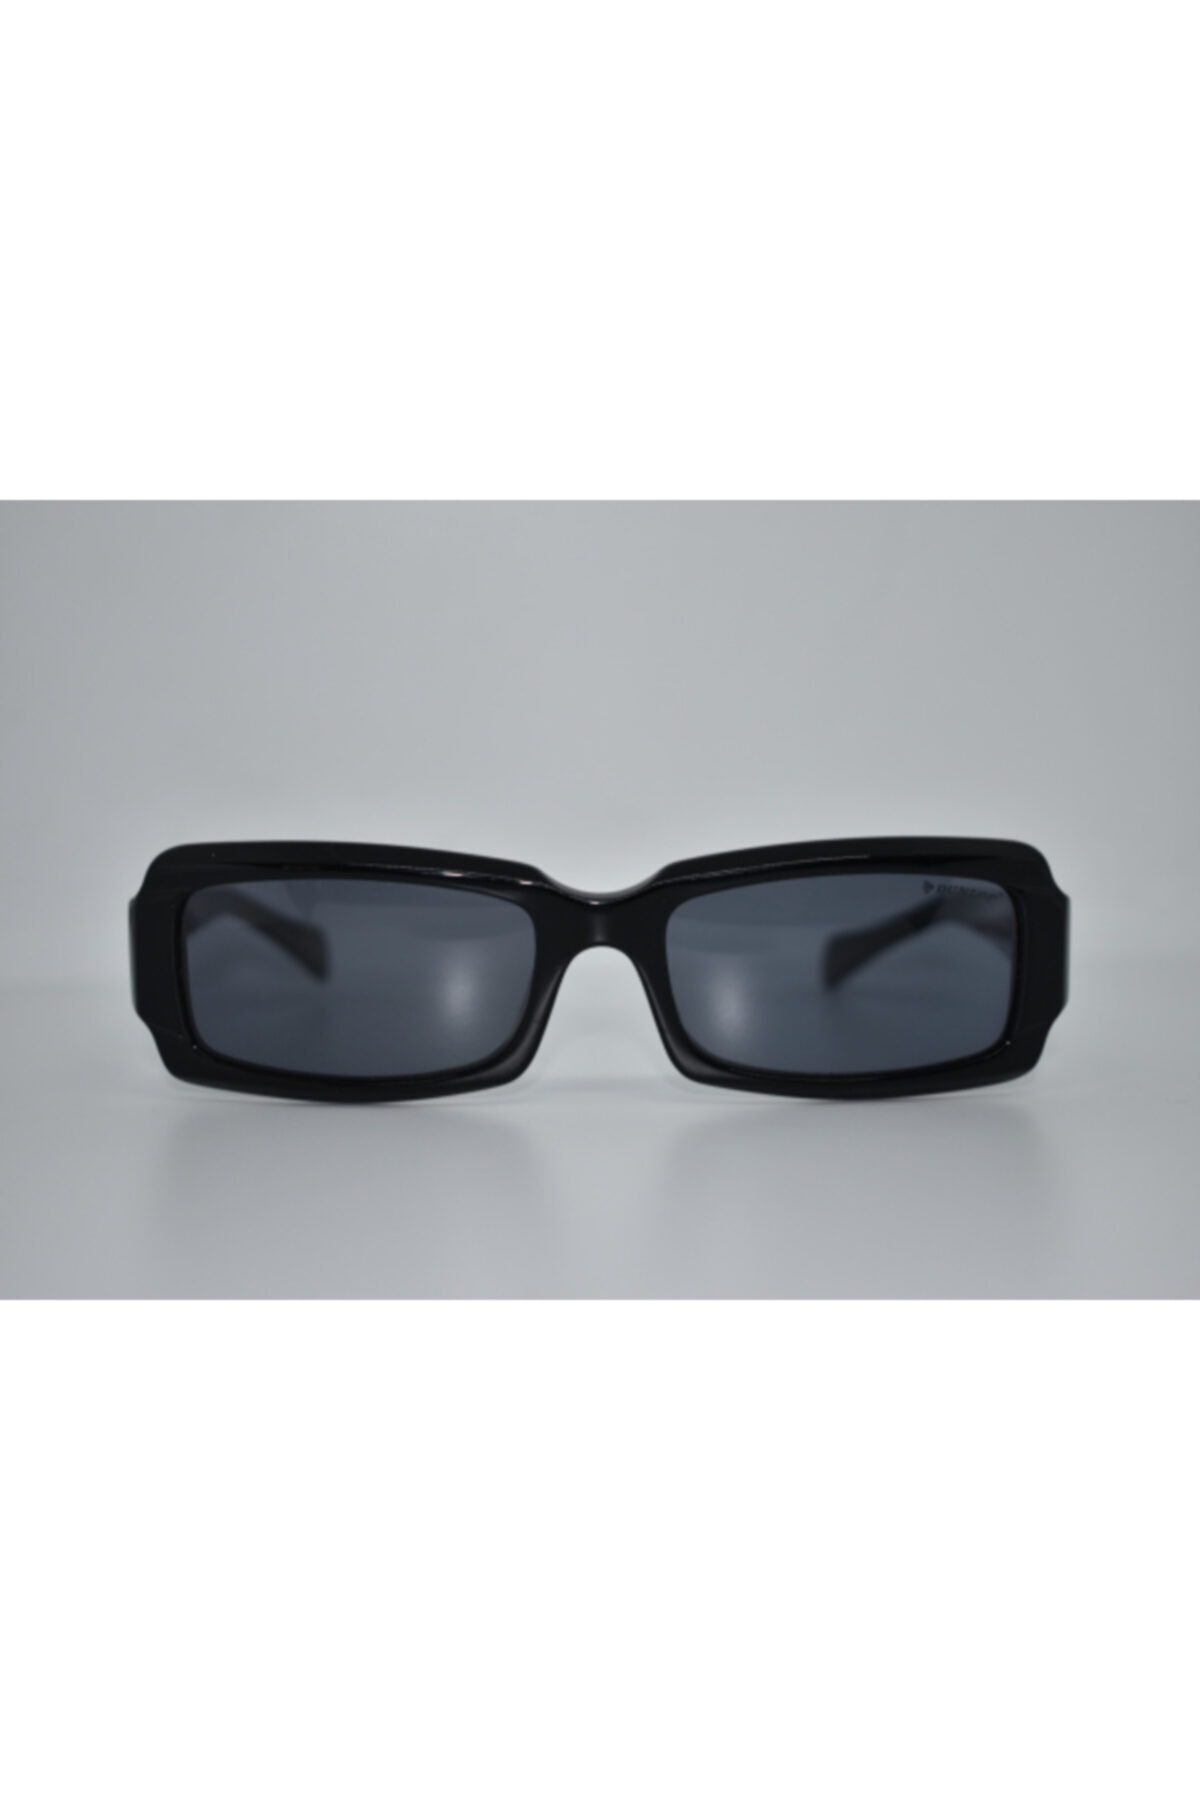 DUNLOP Güneş Gözlüğü Du451 C1 1